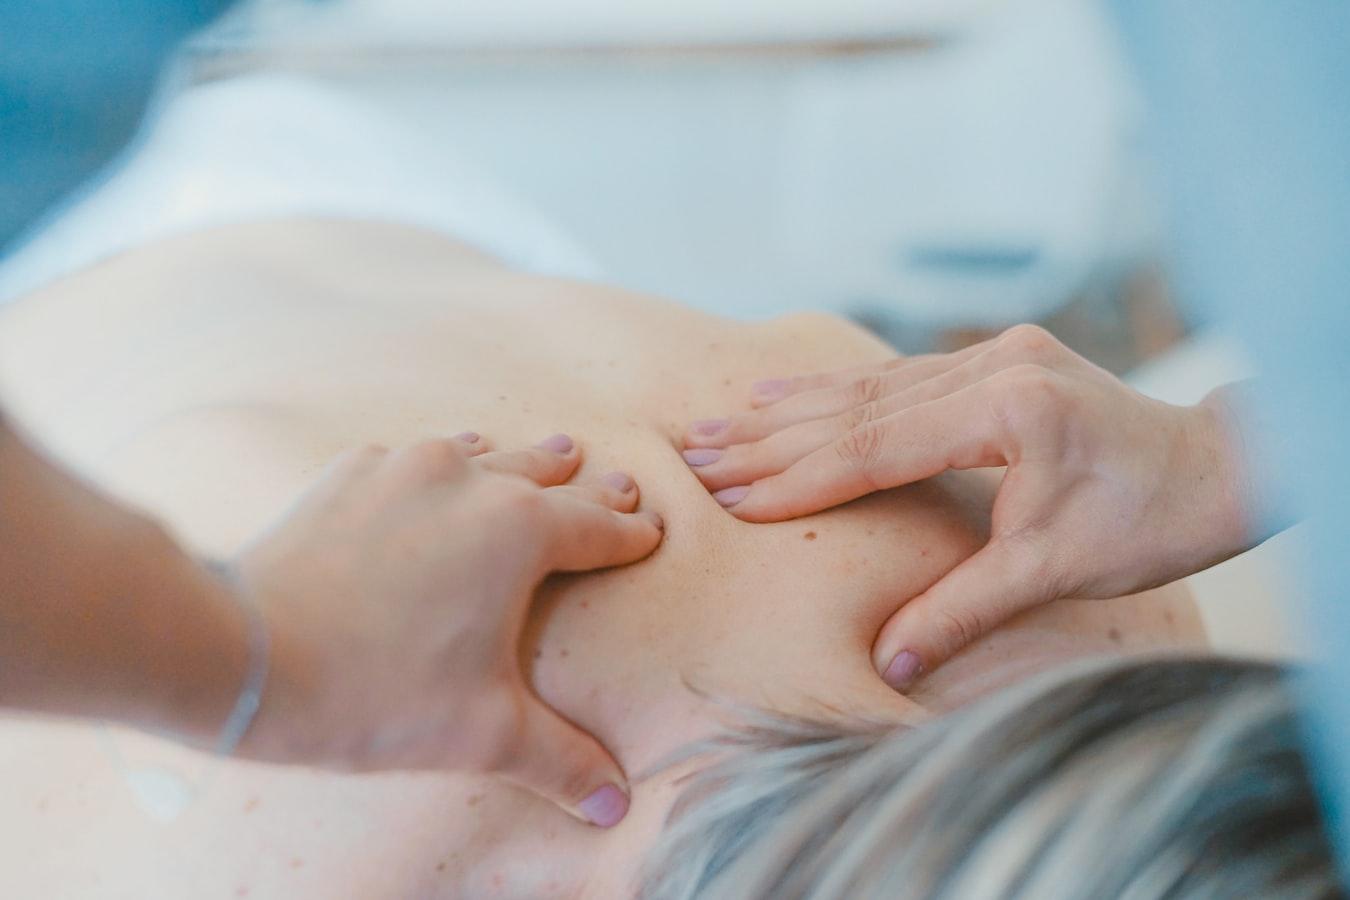 BTW op fysiotherapie